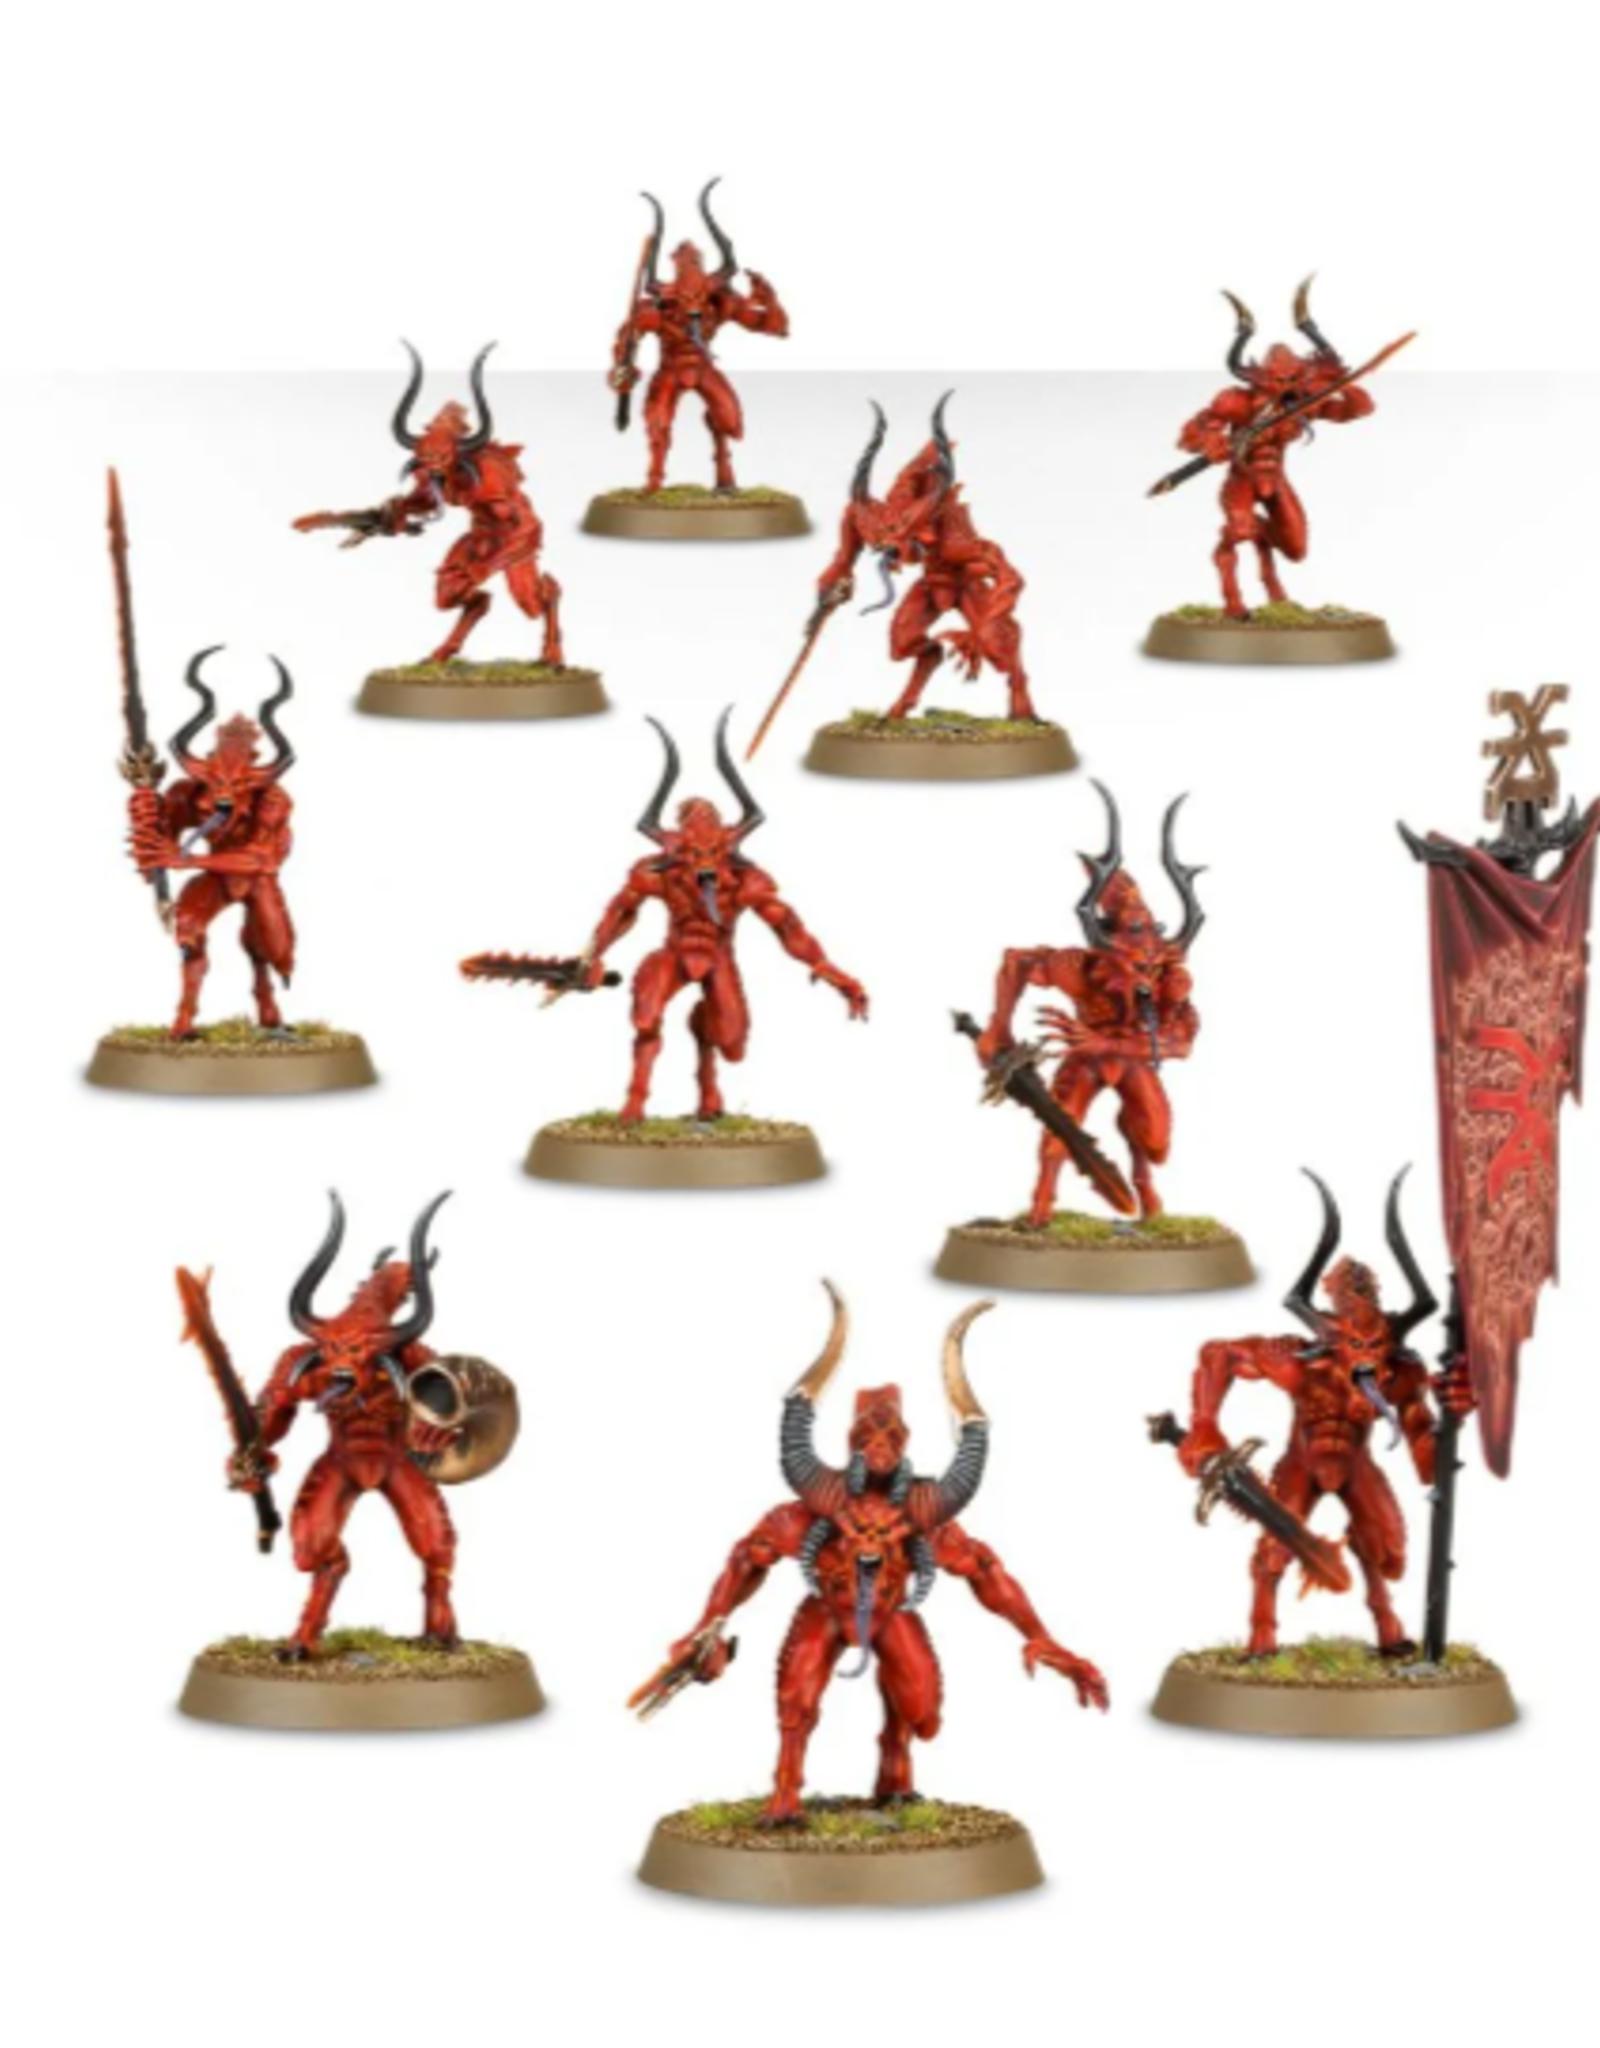 Games Workshop Daemons  Of Khorne: Bloodletters